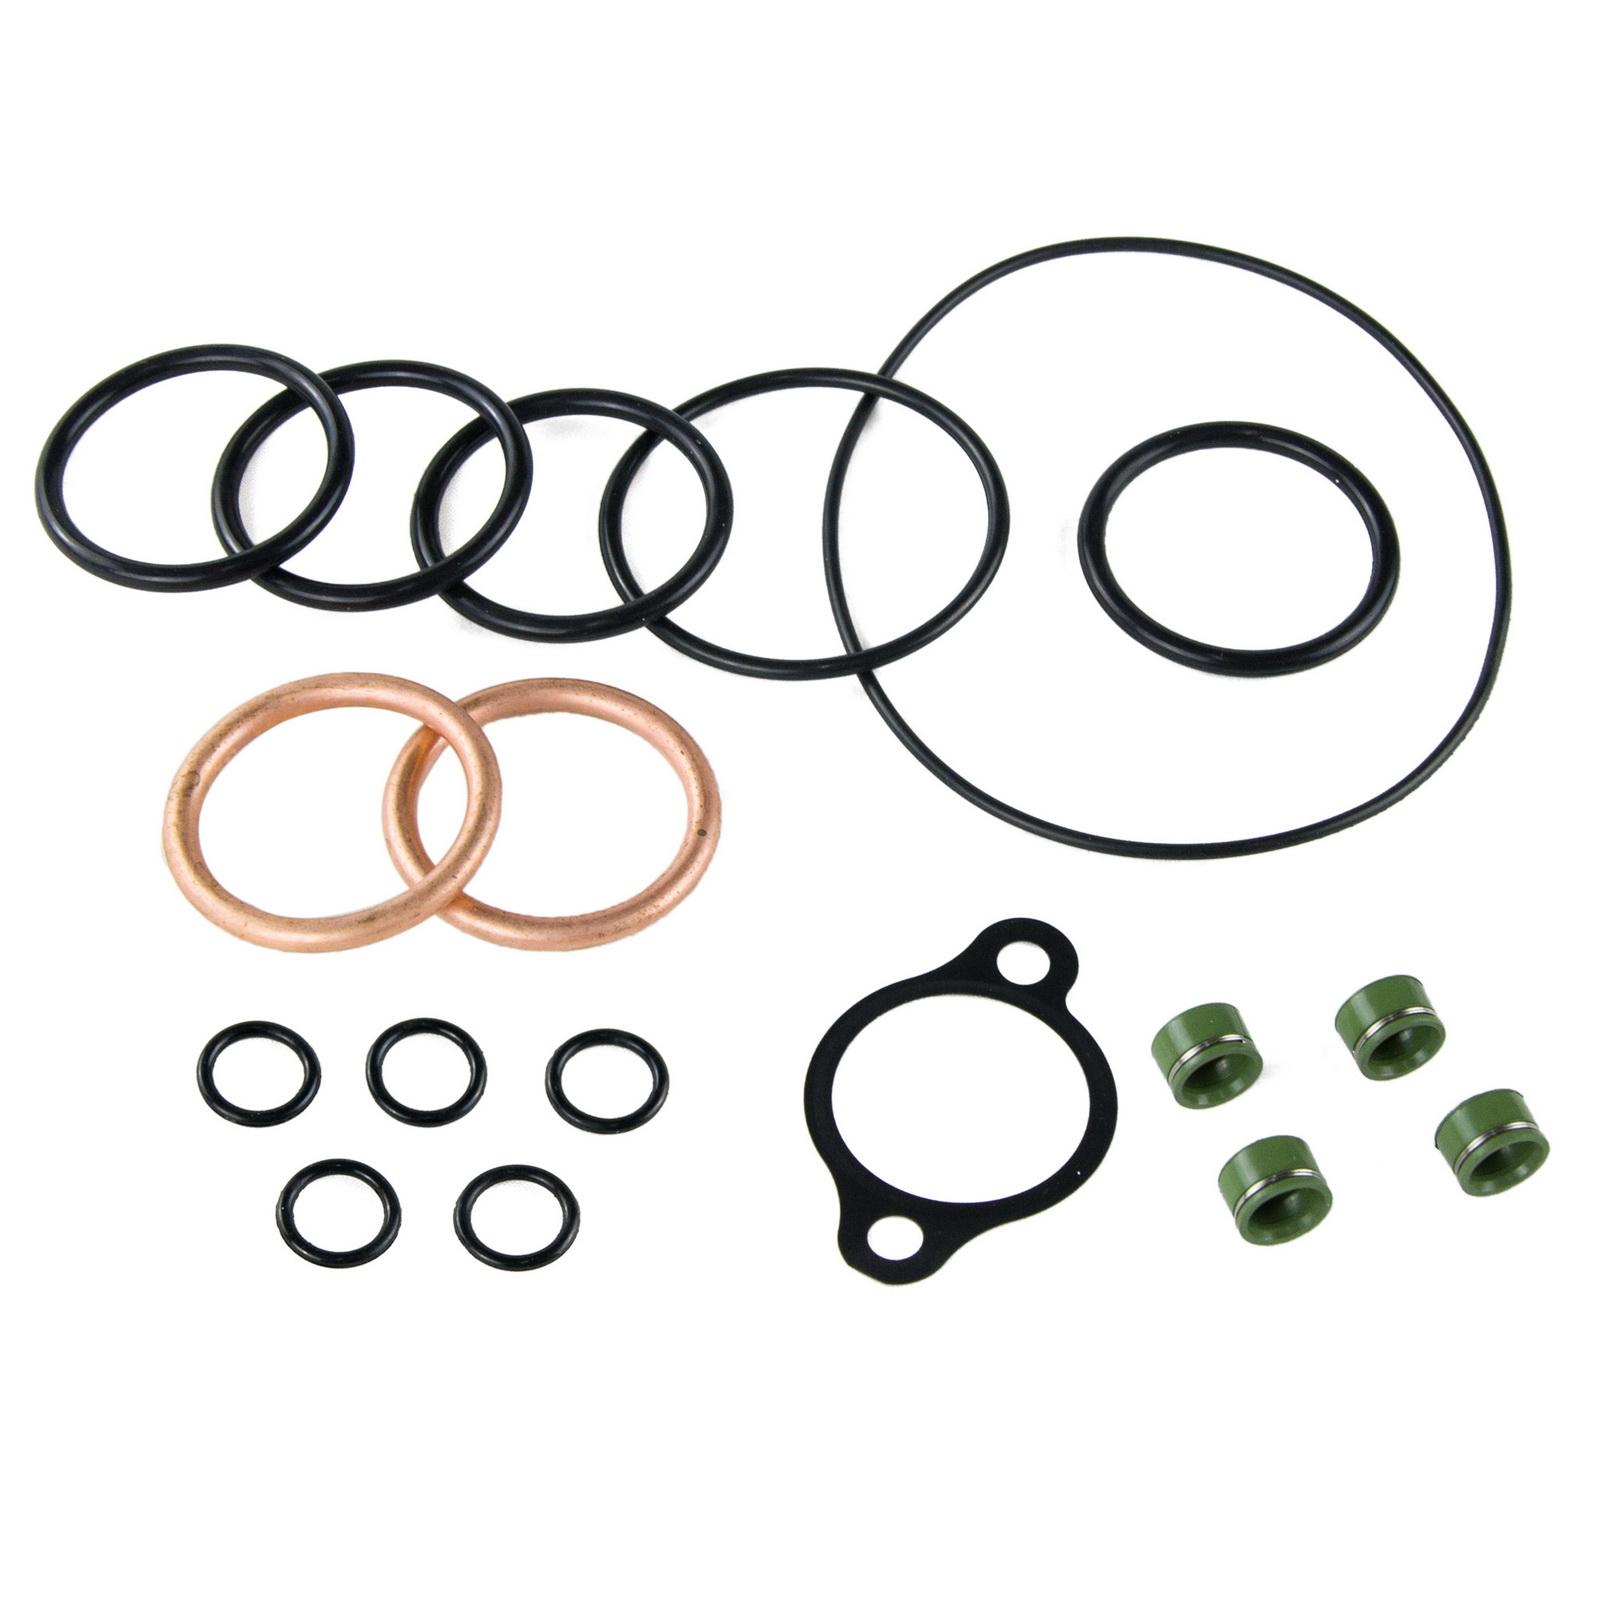 Complete Engine Gasket Kit For Honda TRX400X 09-14